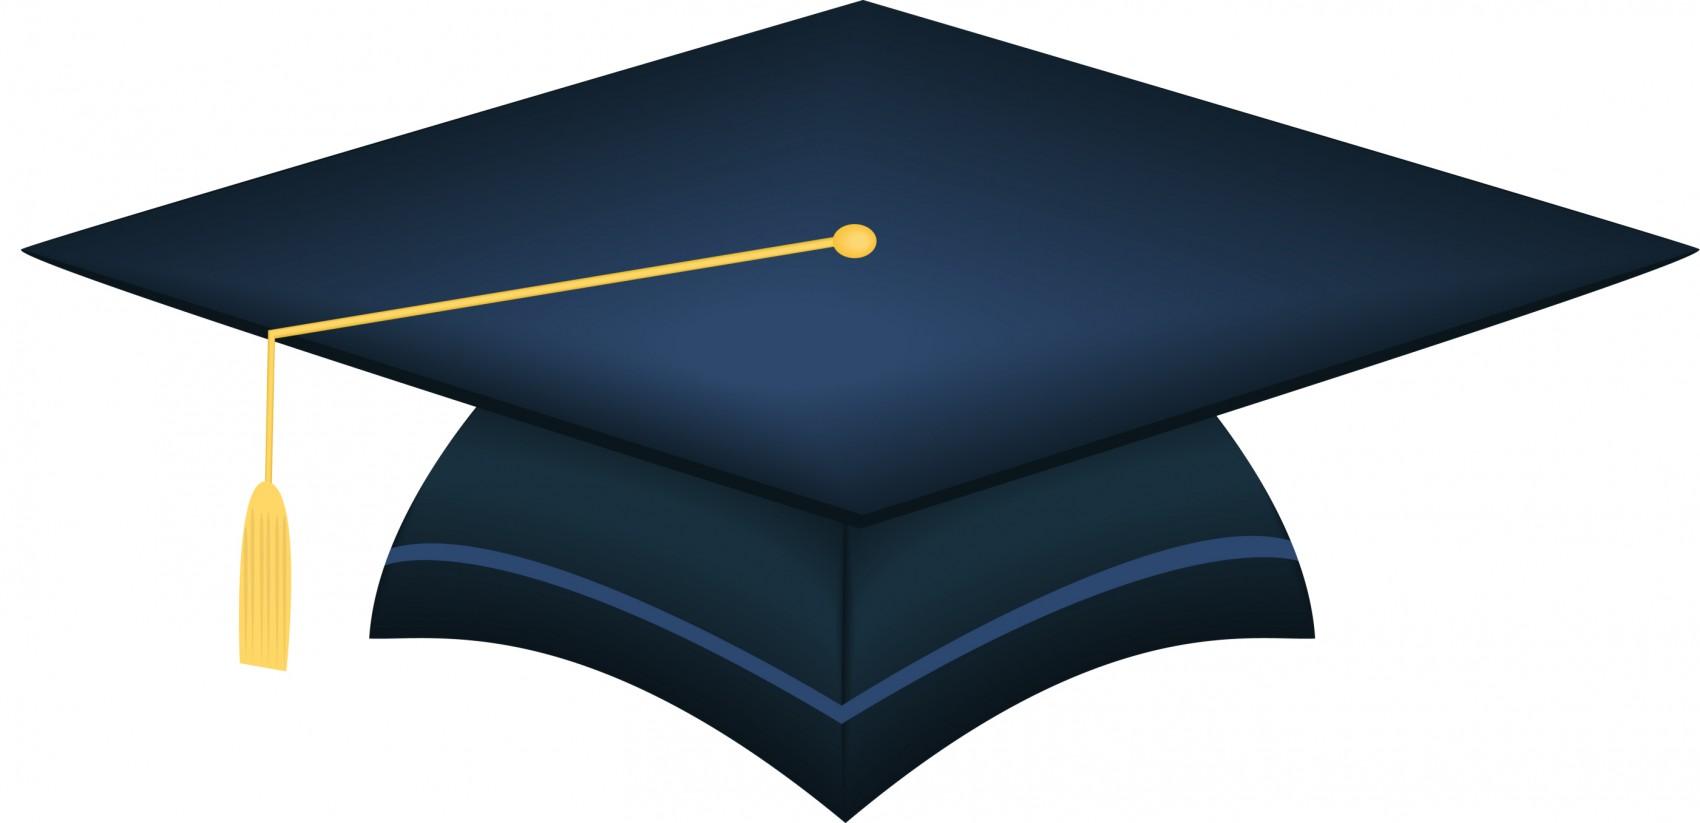 Free Graduation Cap Cliparts, Download Free Clip Art, Free.